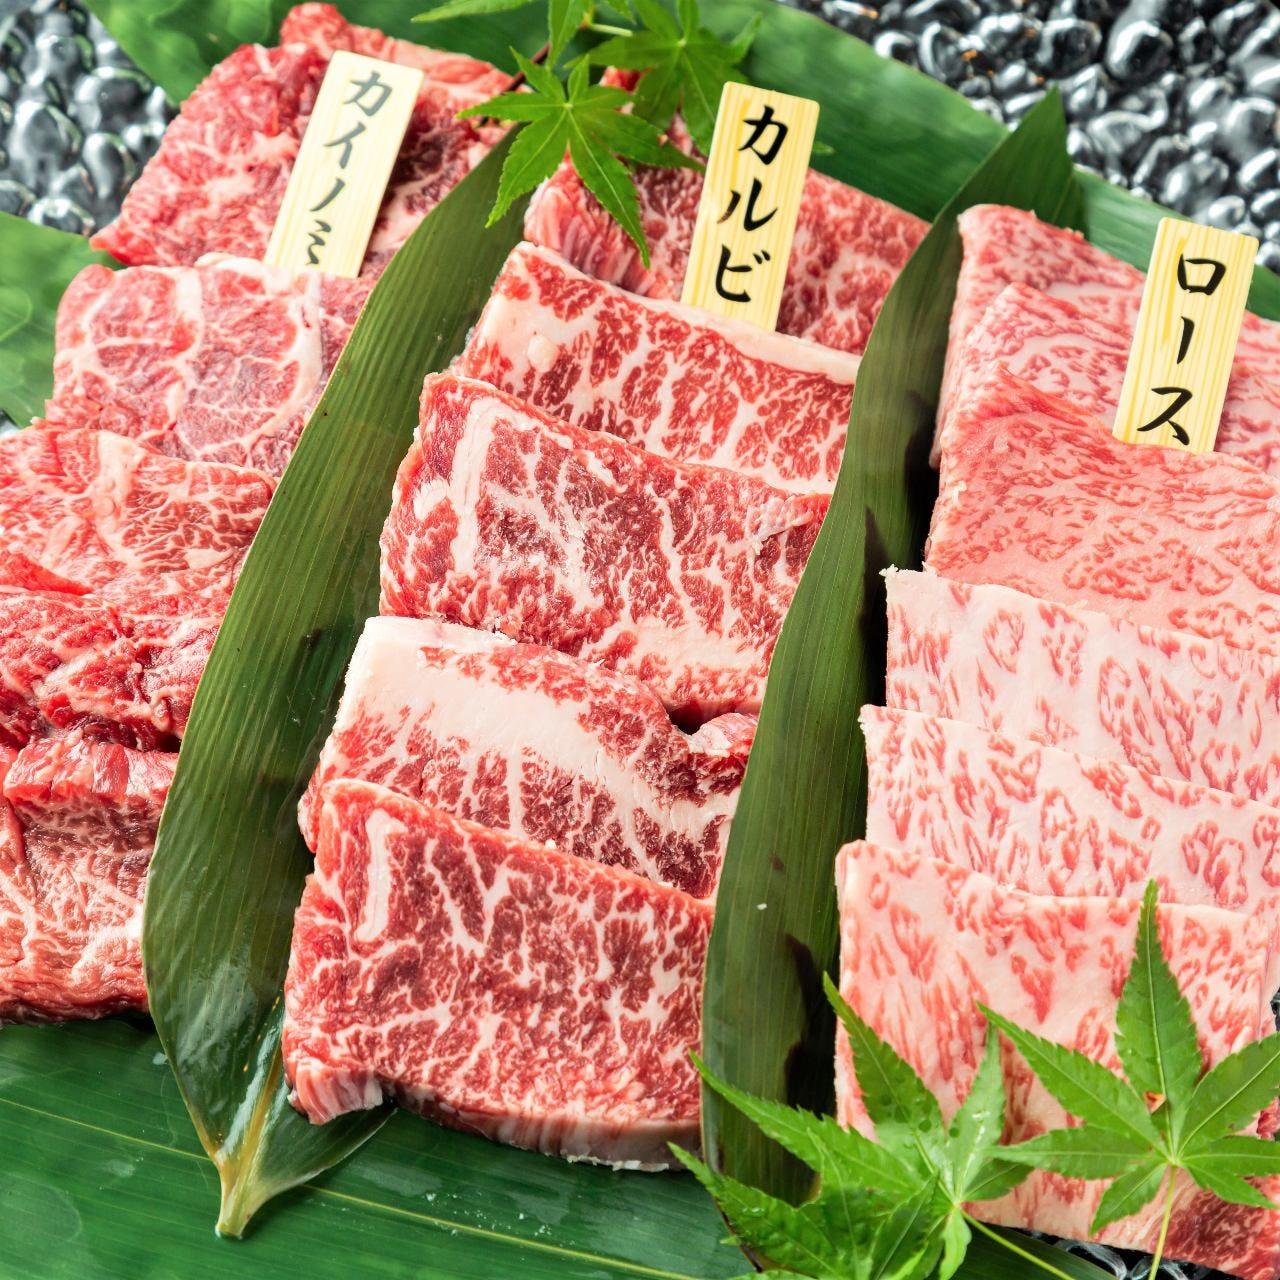 肉の美味しさを堪能できるコース